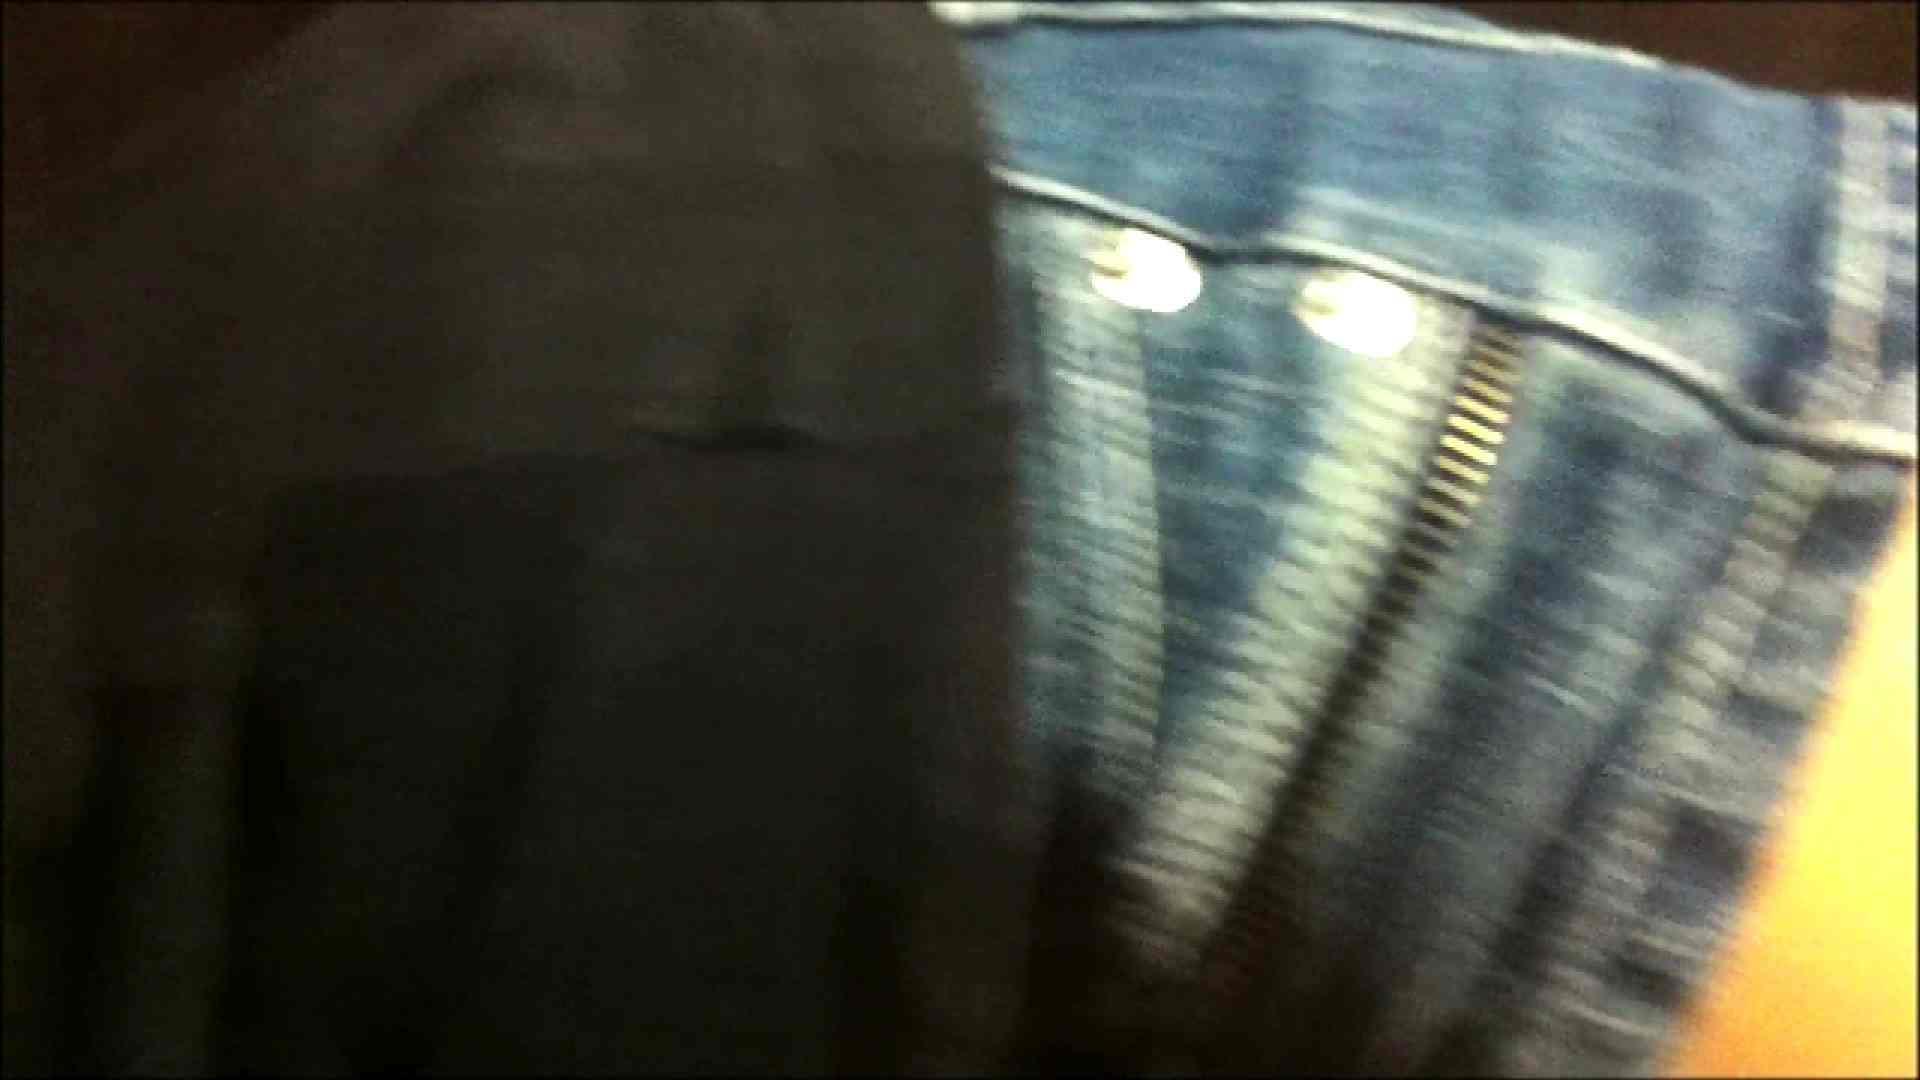 魔術師の お・も・て・な・し vol.04 美脚の店員さん OLの実態 | イタズラ  55pic 23